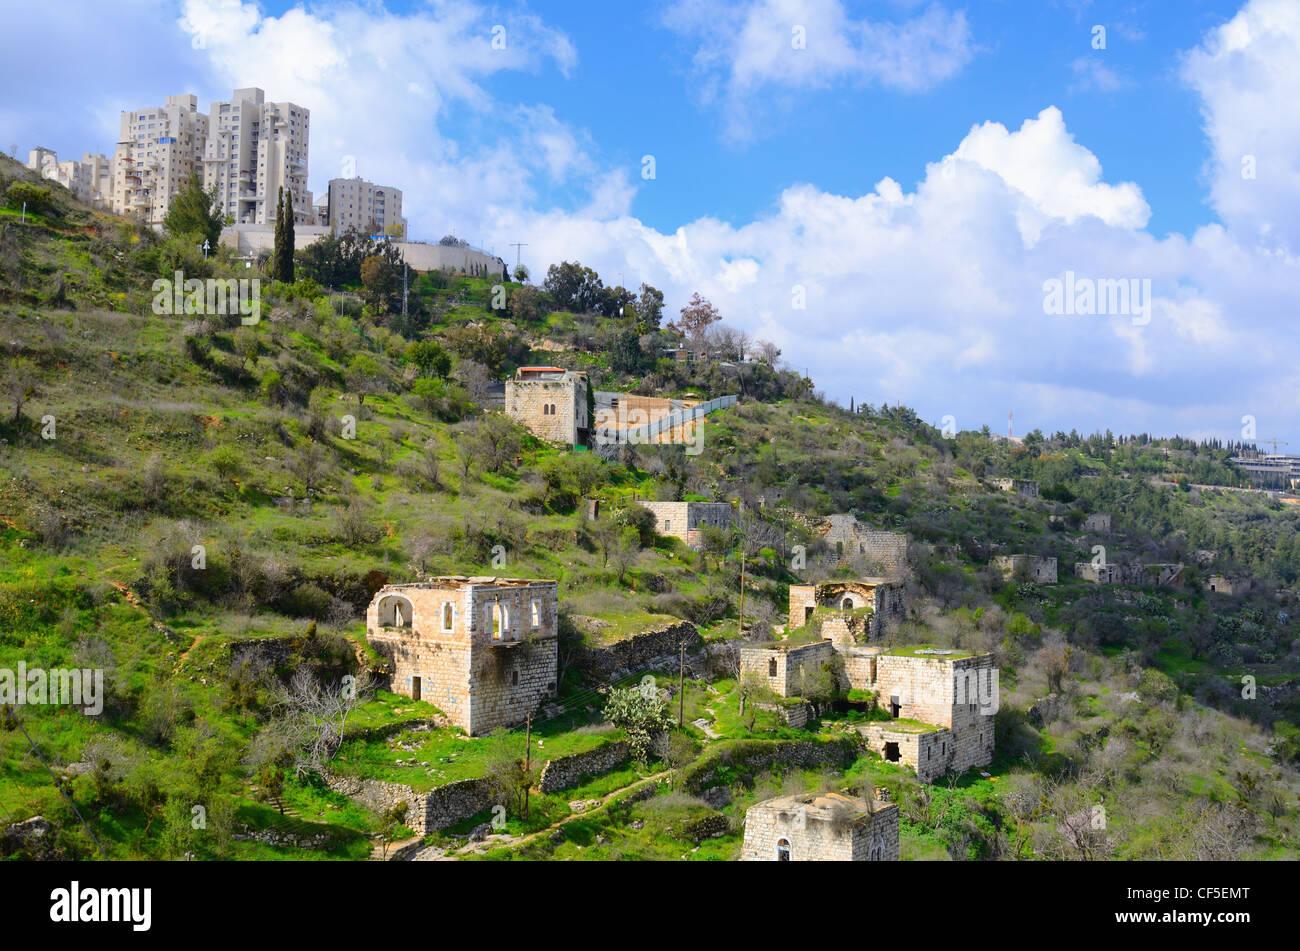 Lifta, Jeruslaem abandoned village. - Stock Image